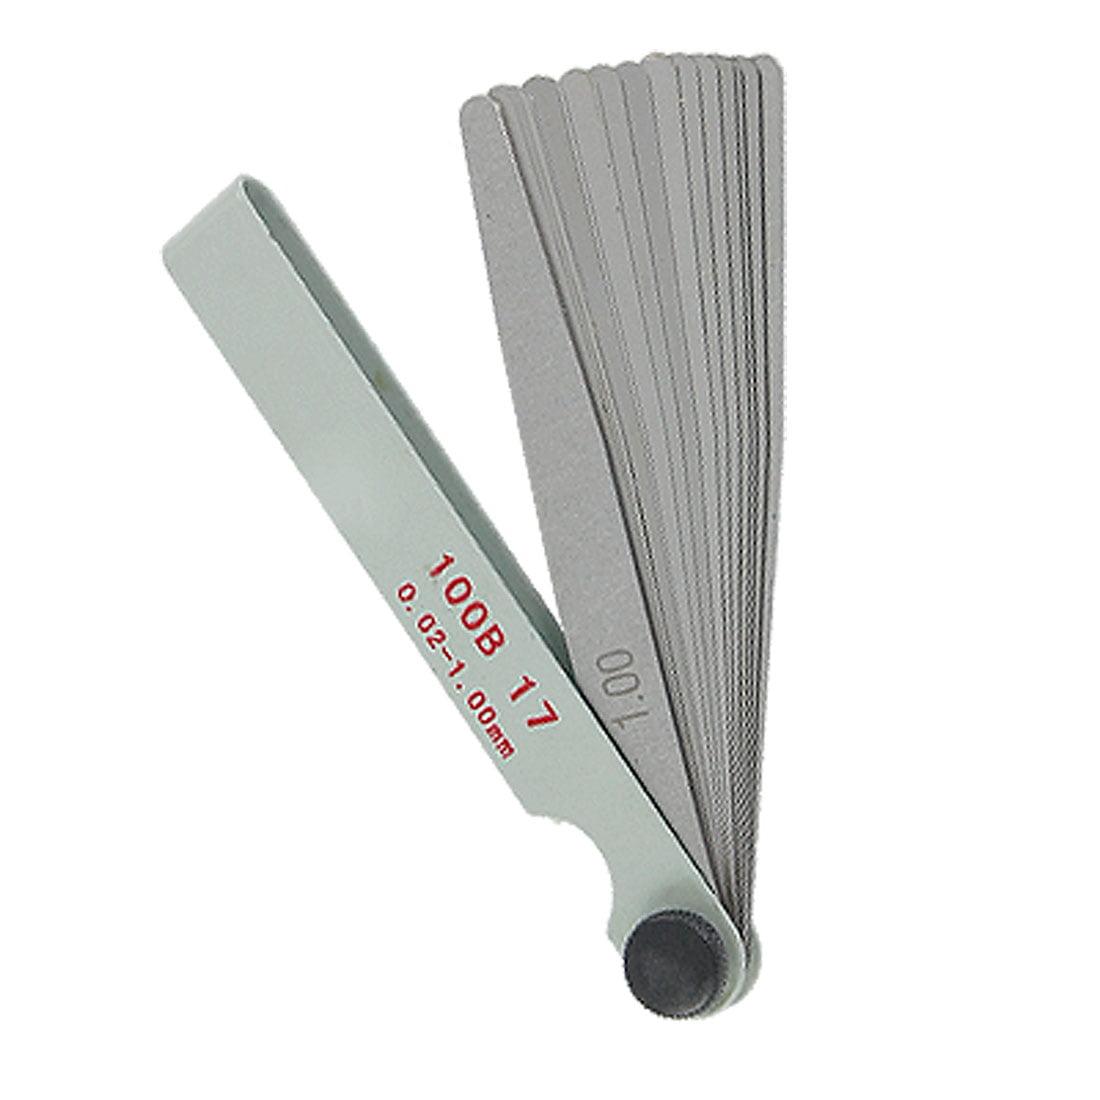 17 in 1 Gap Measure Feeler Gauge Blades 0.02-1mm Tool